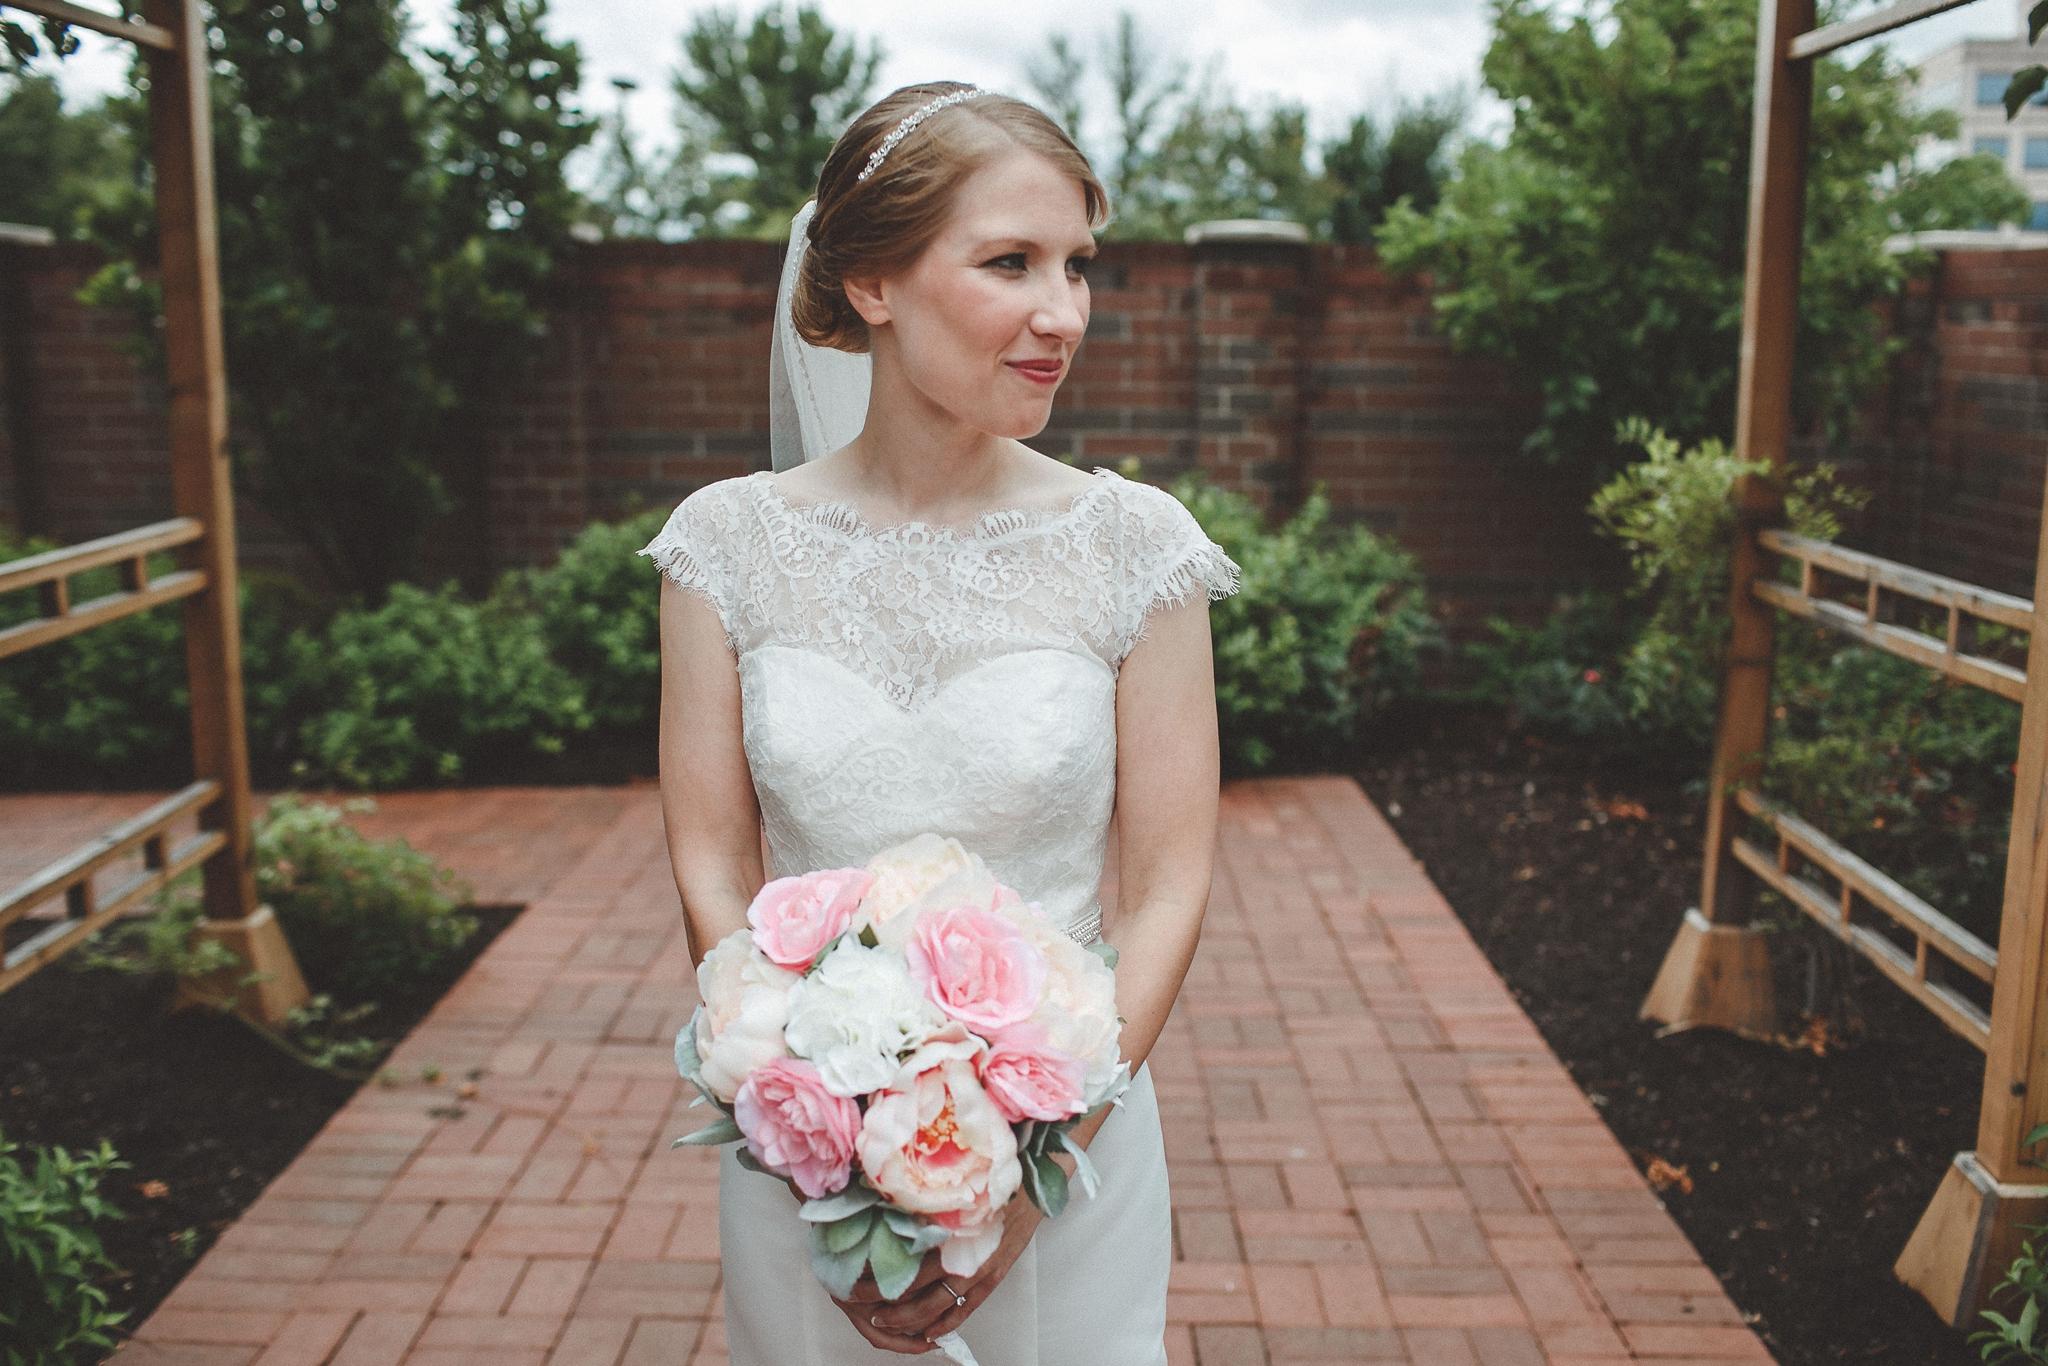 noahs_event_venue_naperville_IL_wedding_photographer_0038.jpg